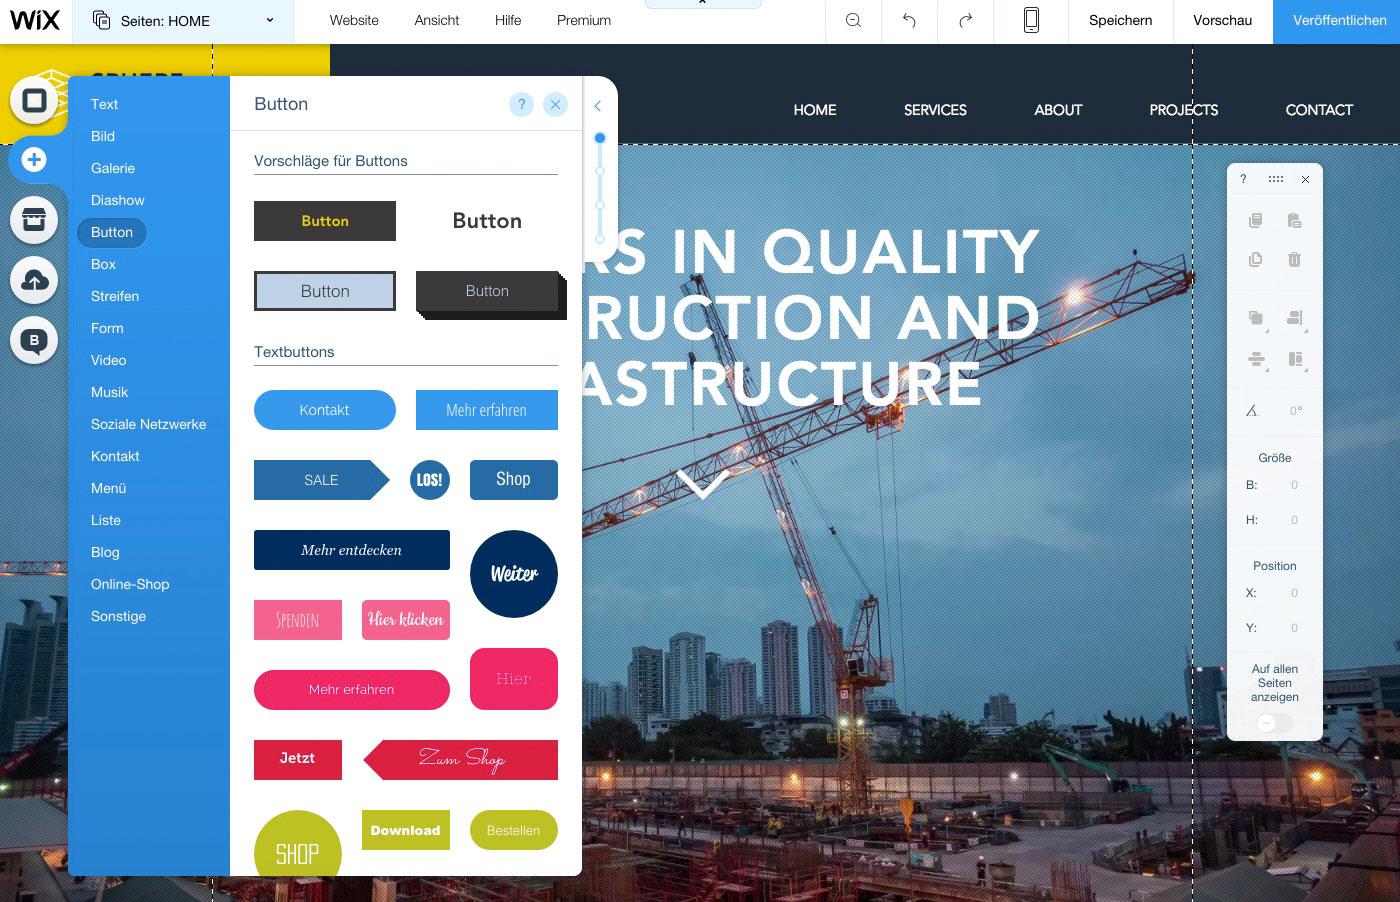 Website-fuer-Baufirma-Wix.com